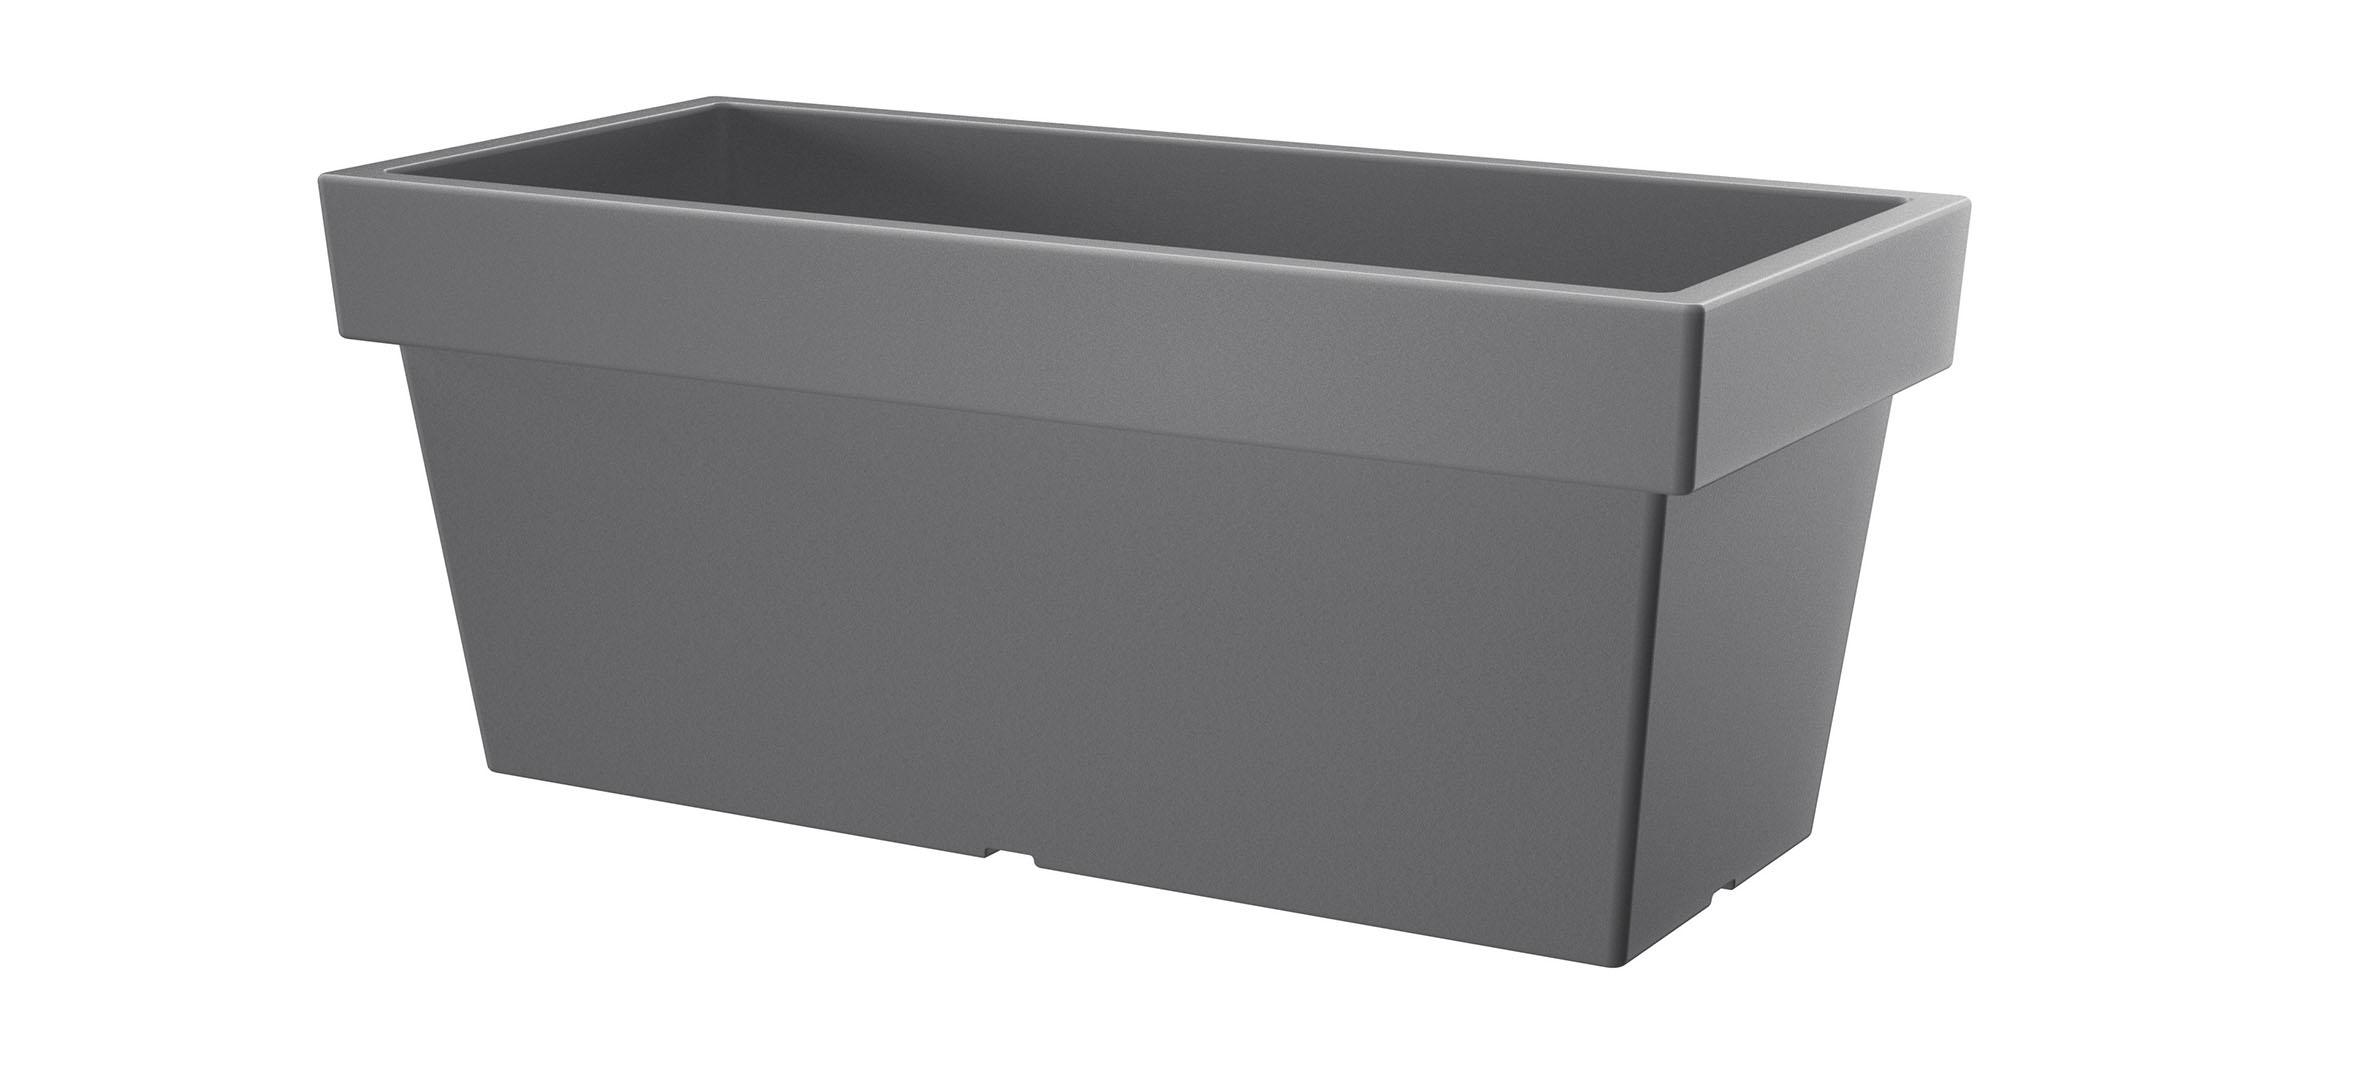 PROSPERPLAST Truhlík LOFLY CASE šedý kámen 37,8cm